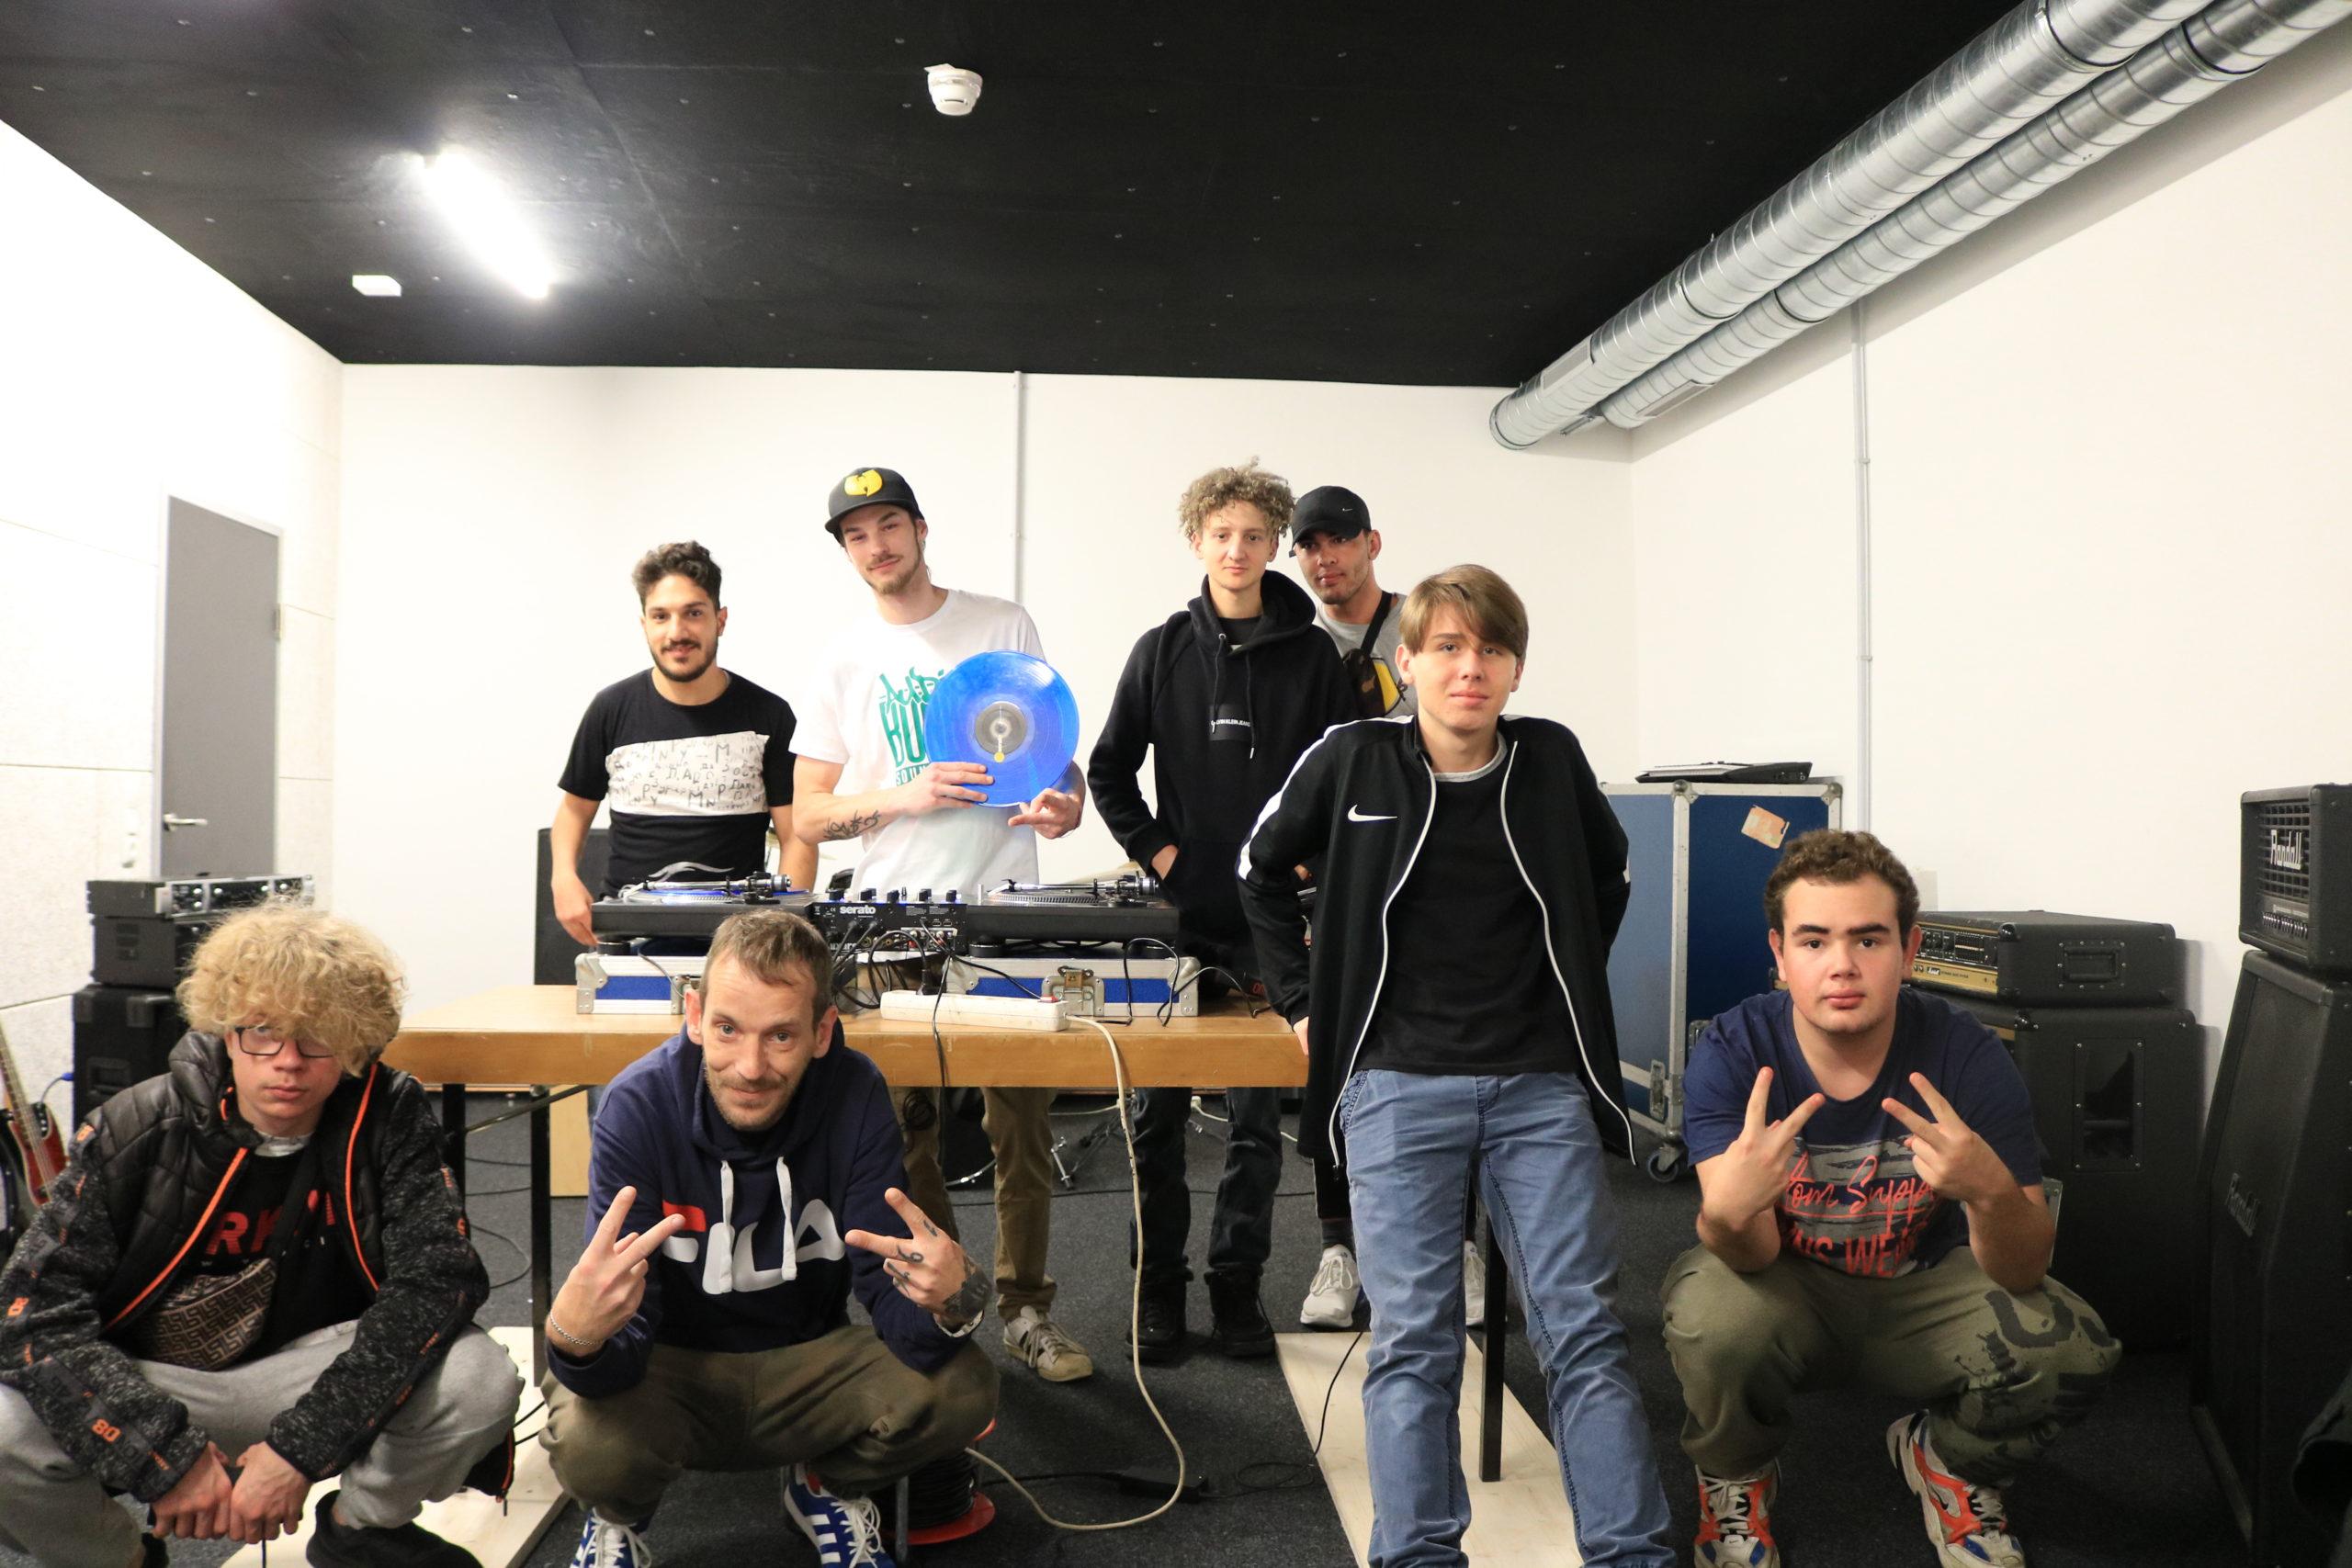 Ein Jahr Jugendtreff Graf Hugo Feldkirch